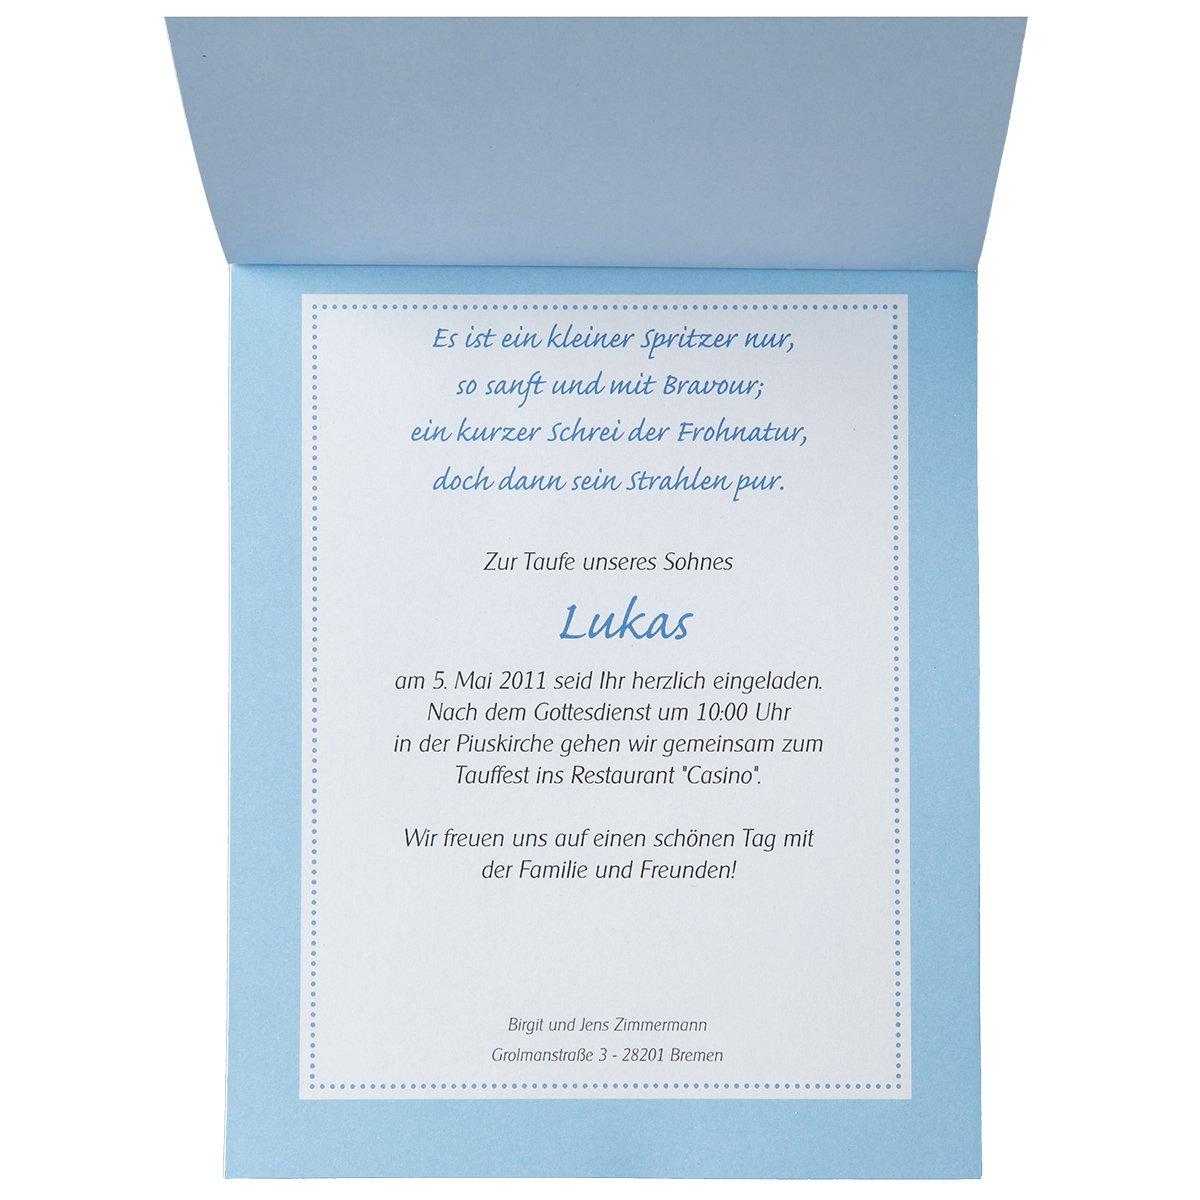 15 tarjetas de invitación para bautismo - Set de tarjetas Bautizo Boaty - Todo Incluye: invitaciones, danksagungen, tarjetas de mesa - para facilitar ...